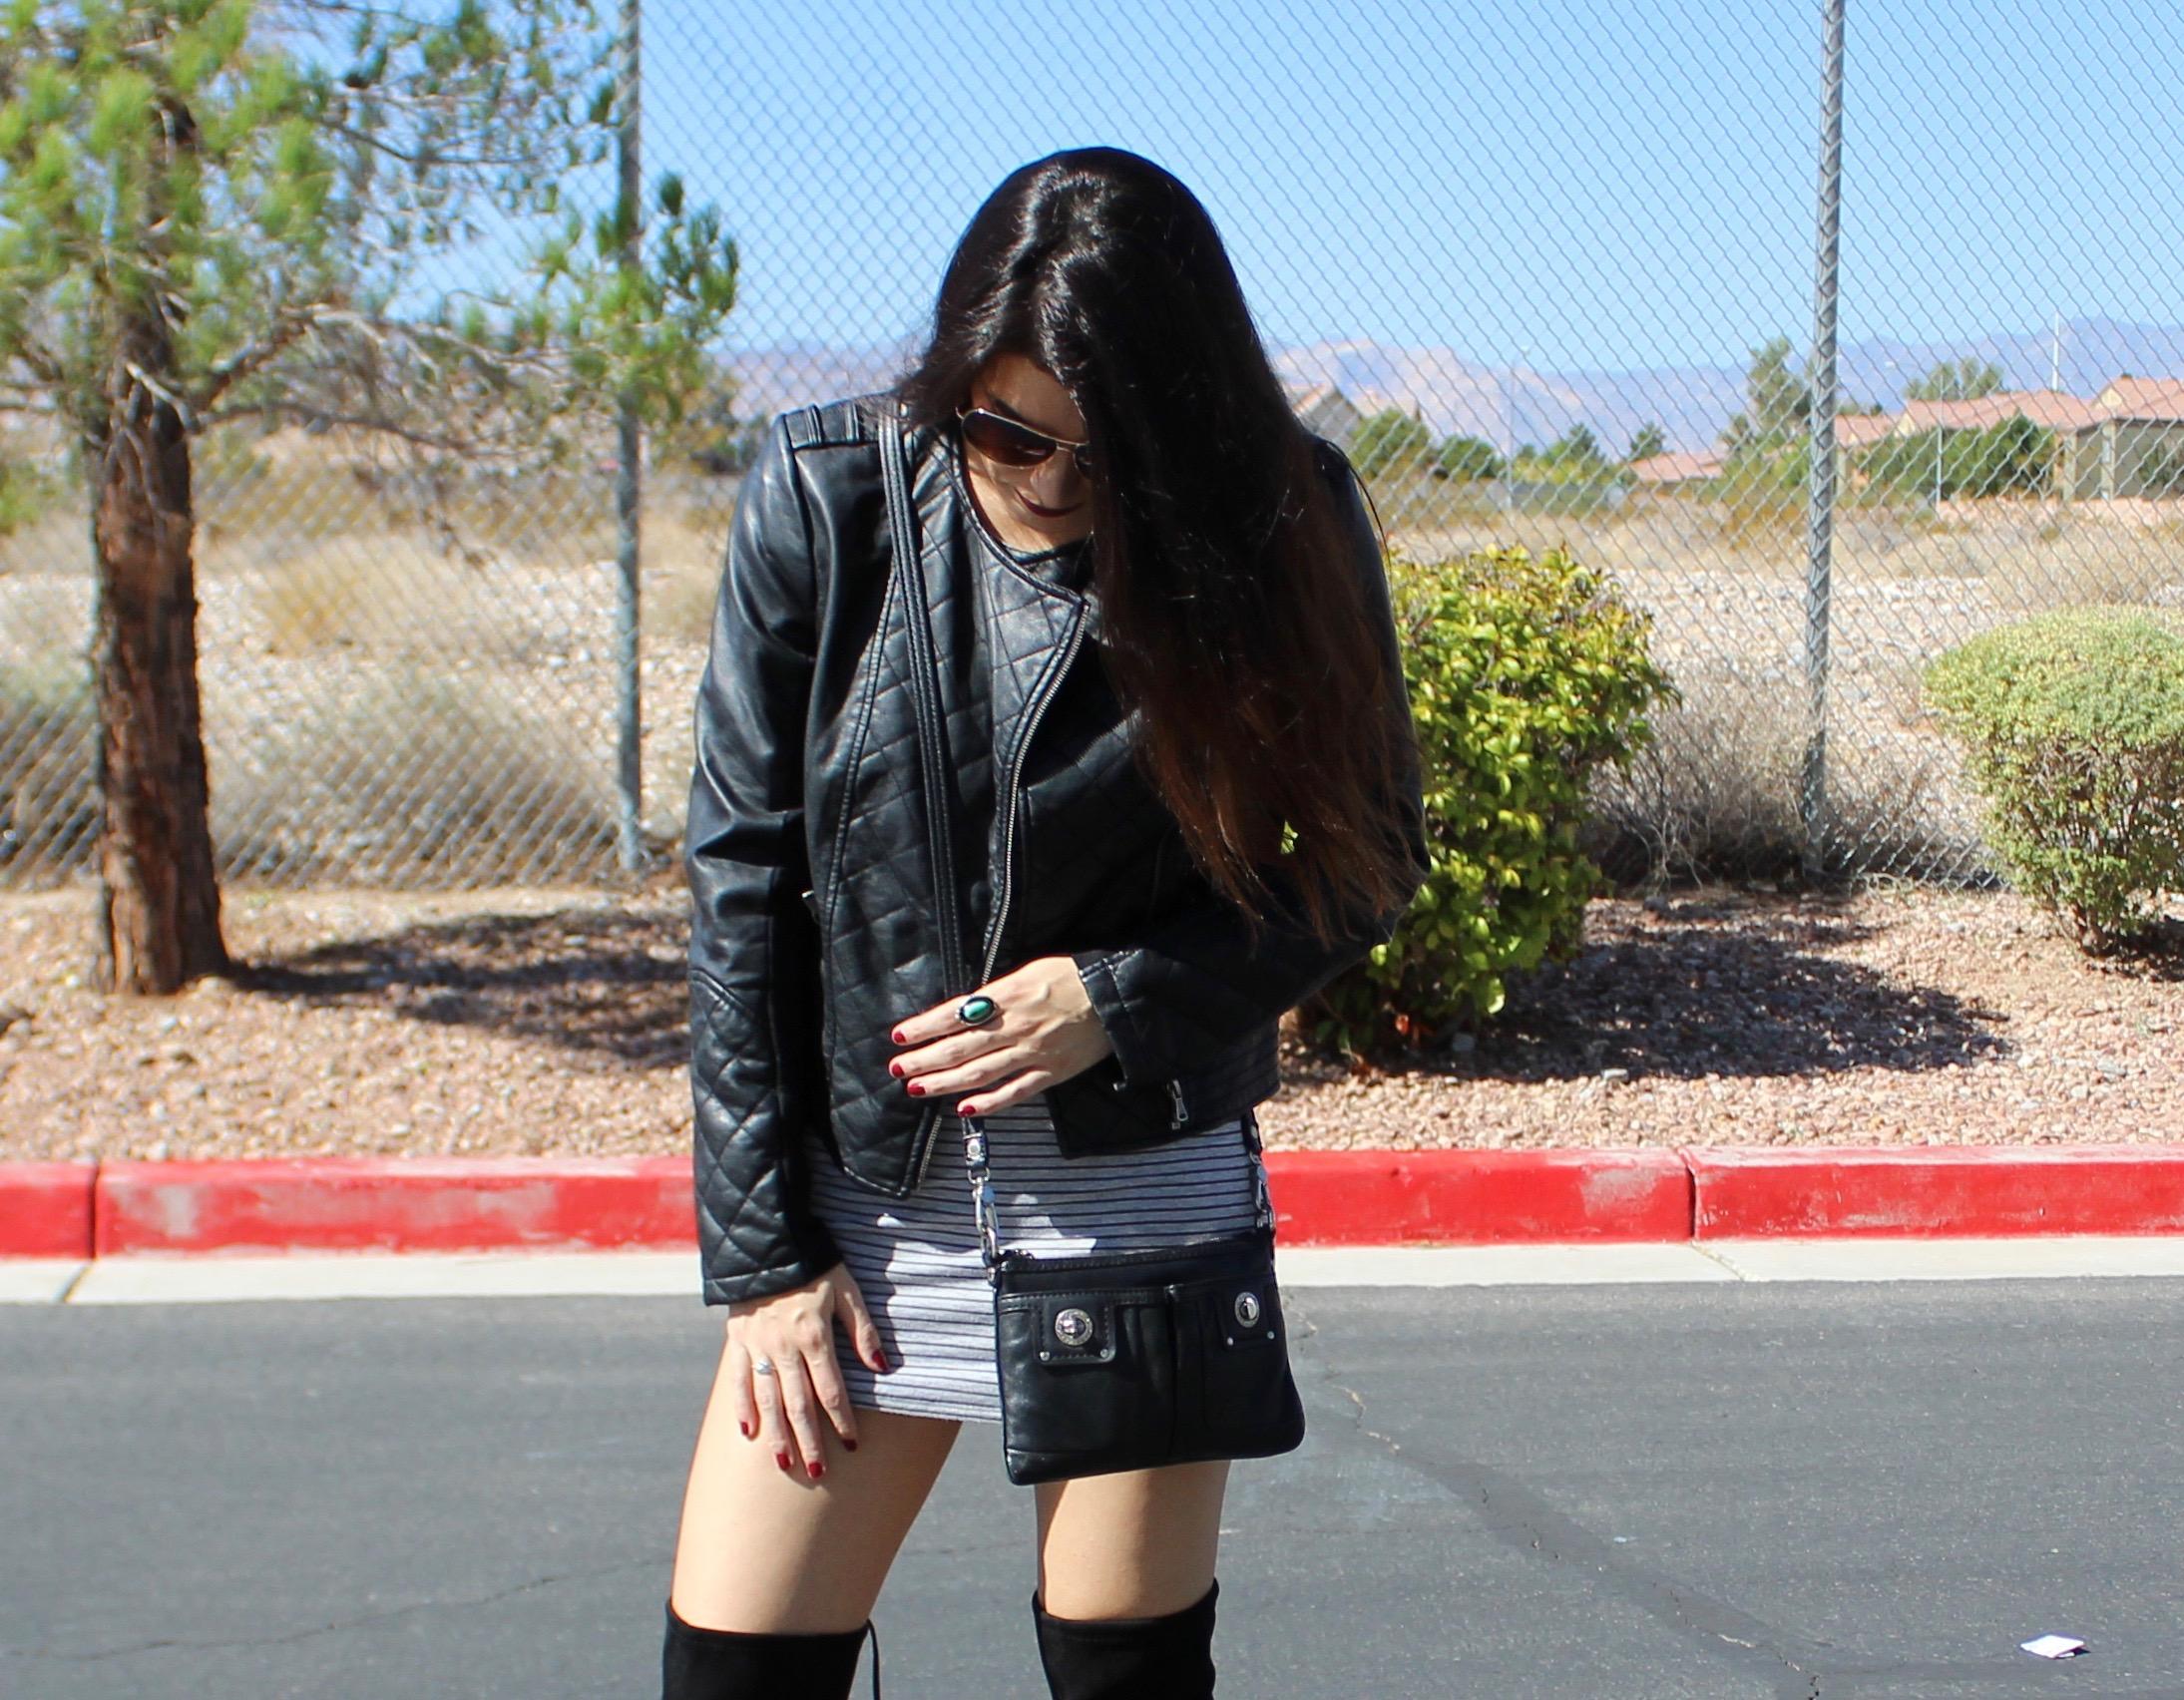 falloutfit,autumoutfit,leather,leatherjacket,stripeddress,overthekneeboots,fashion,style,blogger,lasvegas,lasvegasblogger